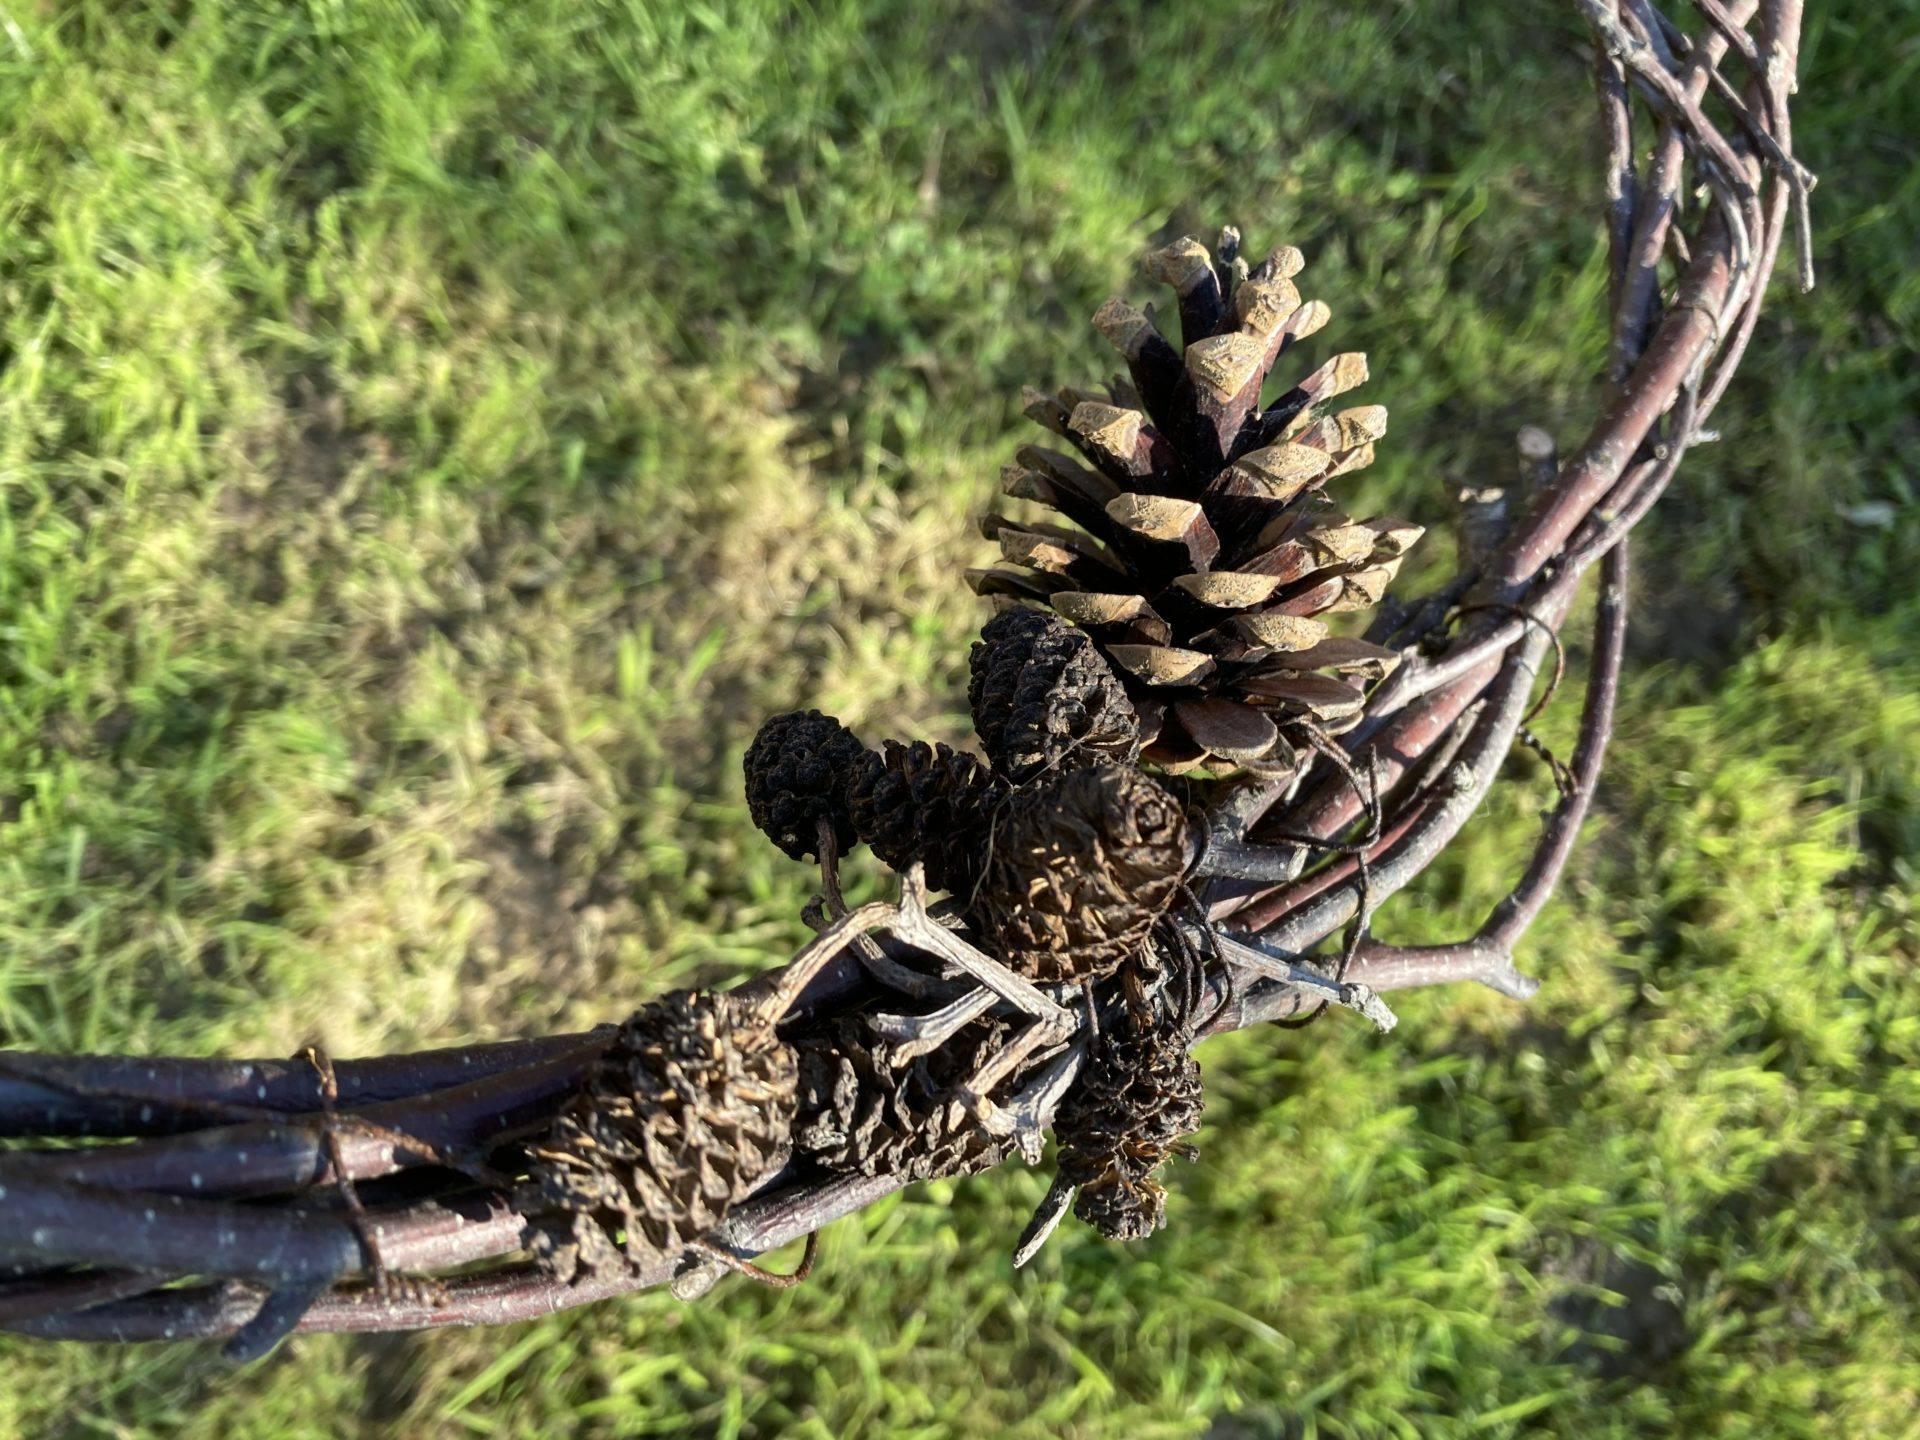 decoration noel arboriste grimpeur elagage abattage guerande piriac mesquer la turablle la baule le croisic pornichet le pouliguen 1